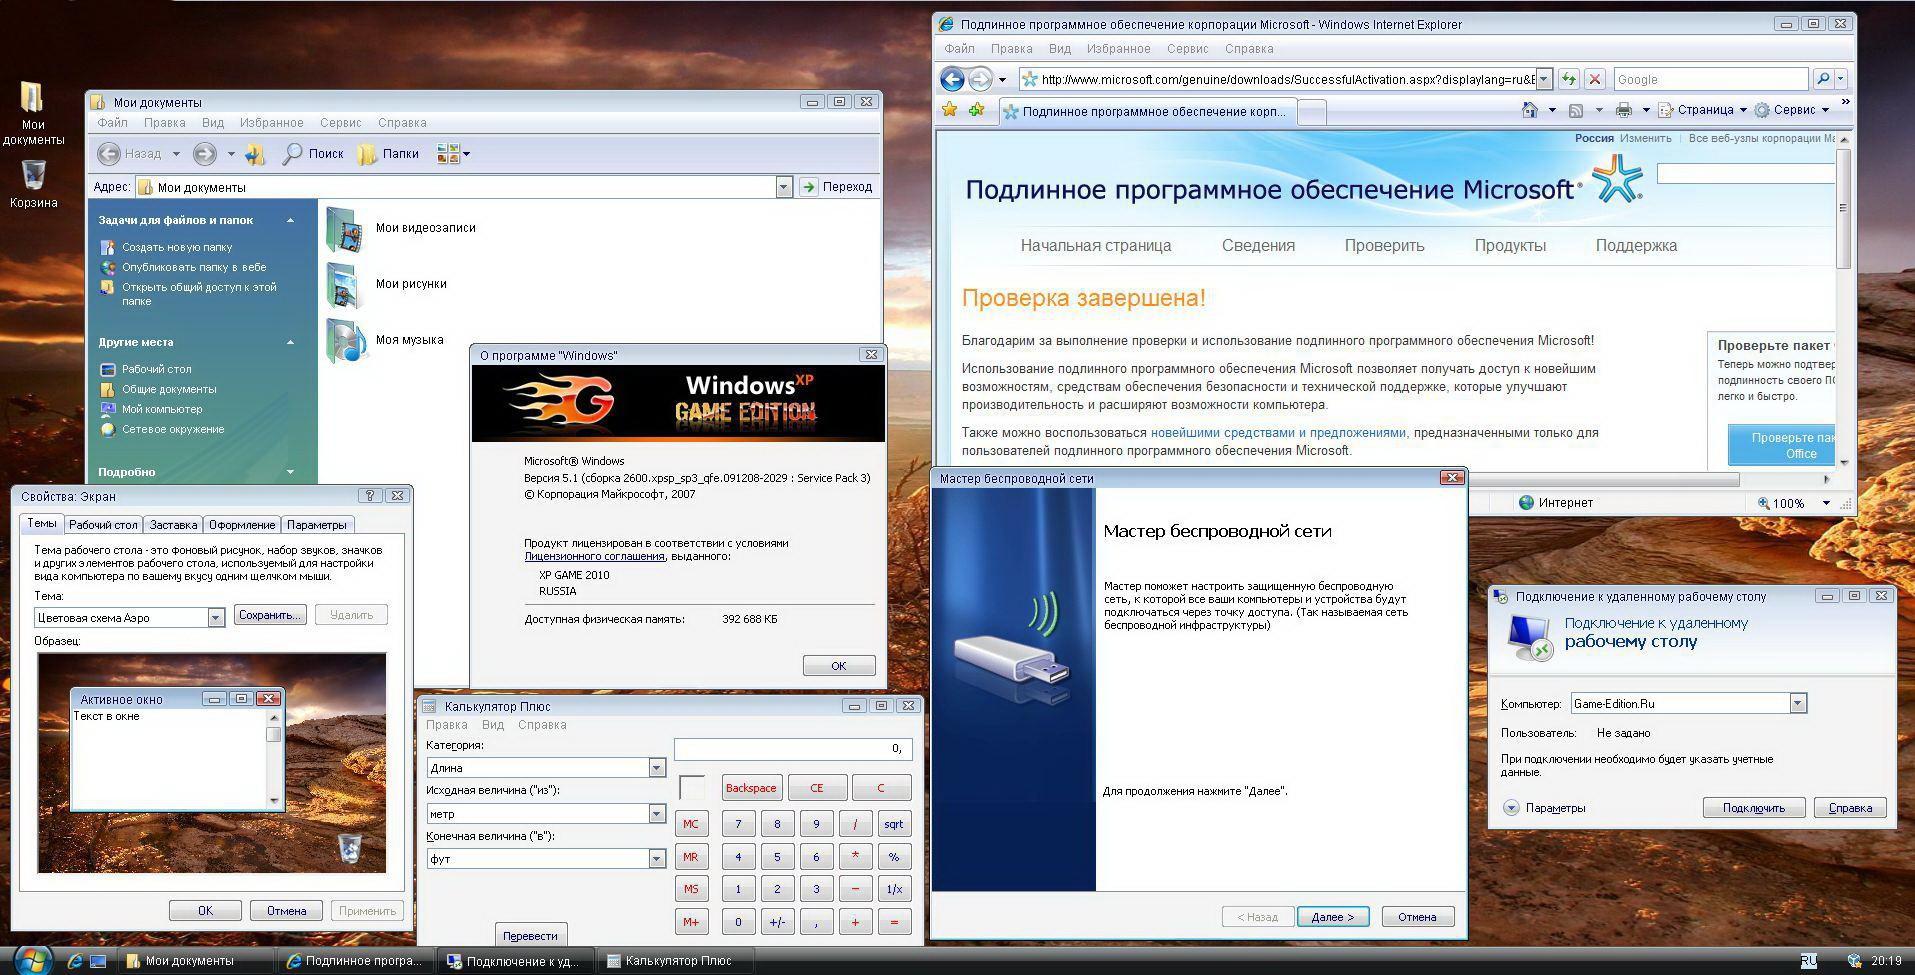 http://linkme.ufanet.ru/images/88b2f62469b06753353b8d7eb1cb4b9d.jpg